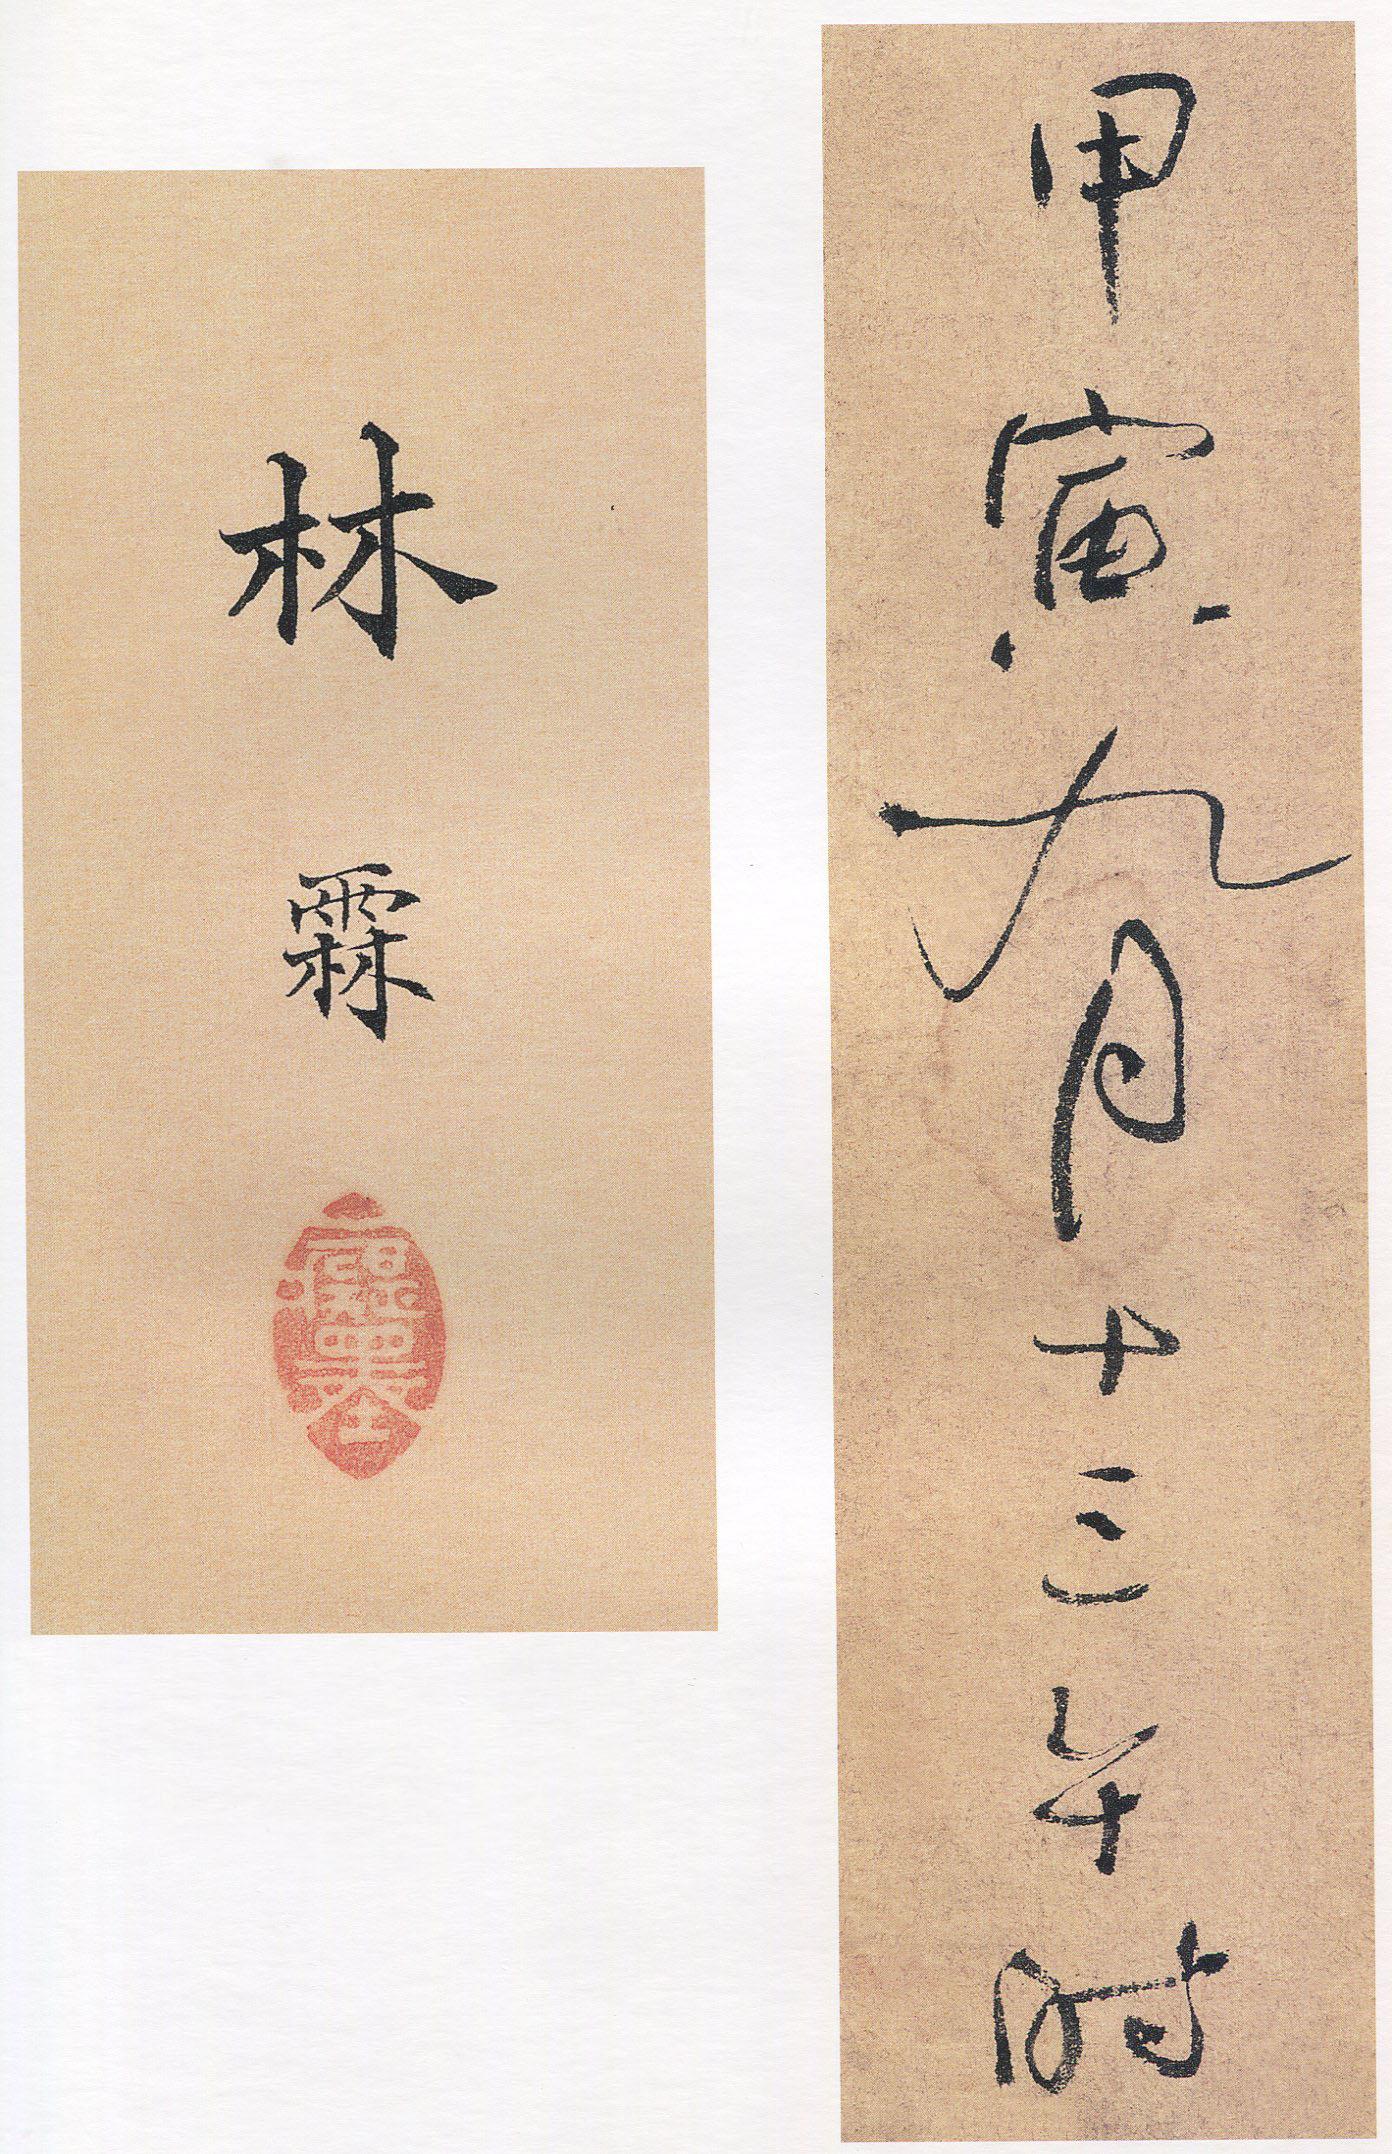 林散之《自作诗附寄杨啸翁二律并书》 1914年 落款